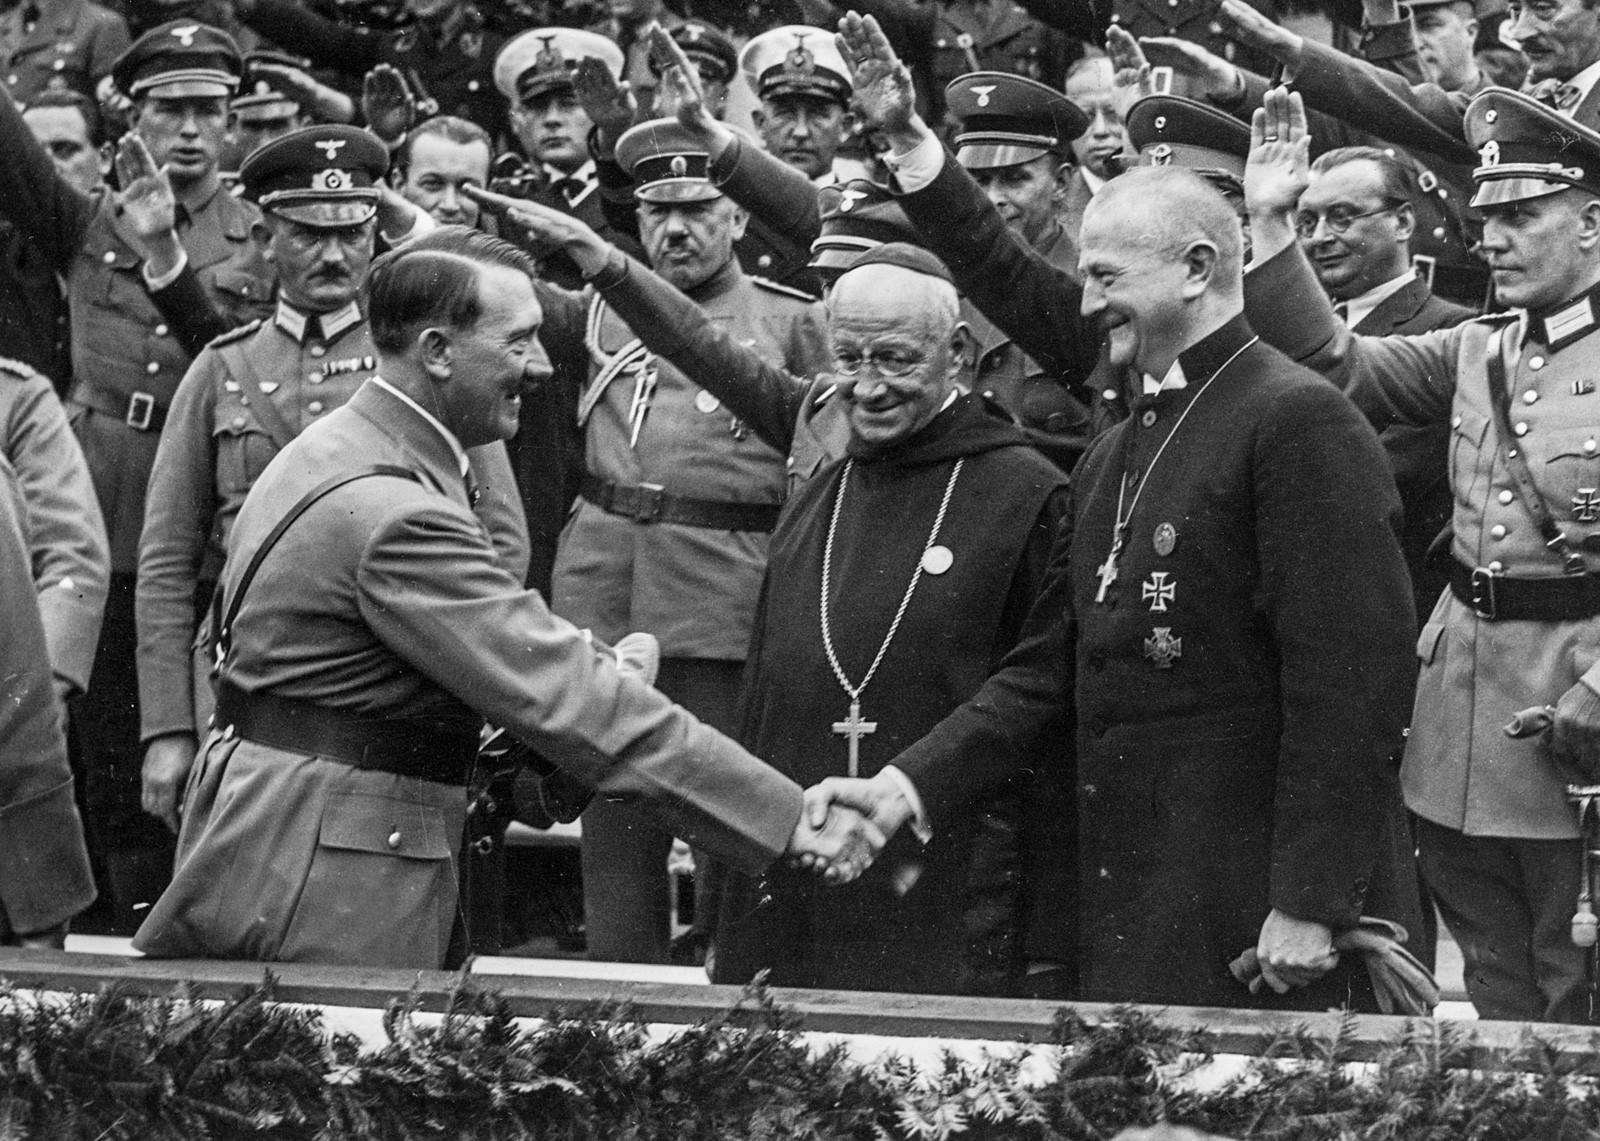 католики и фашисты